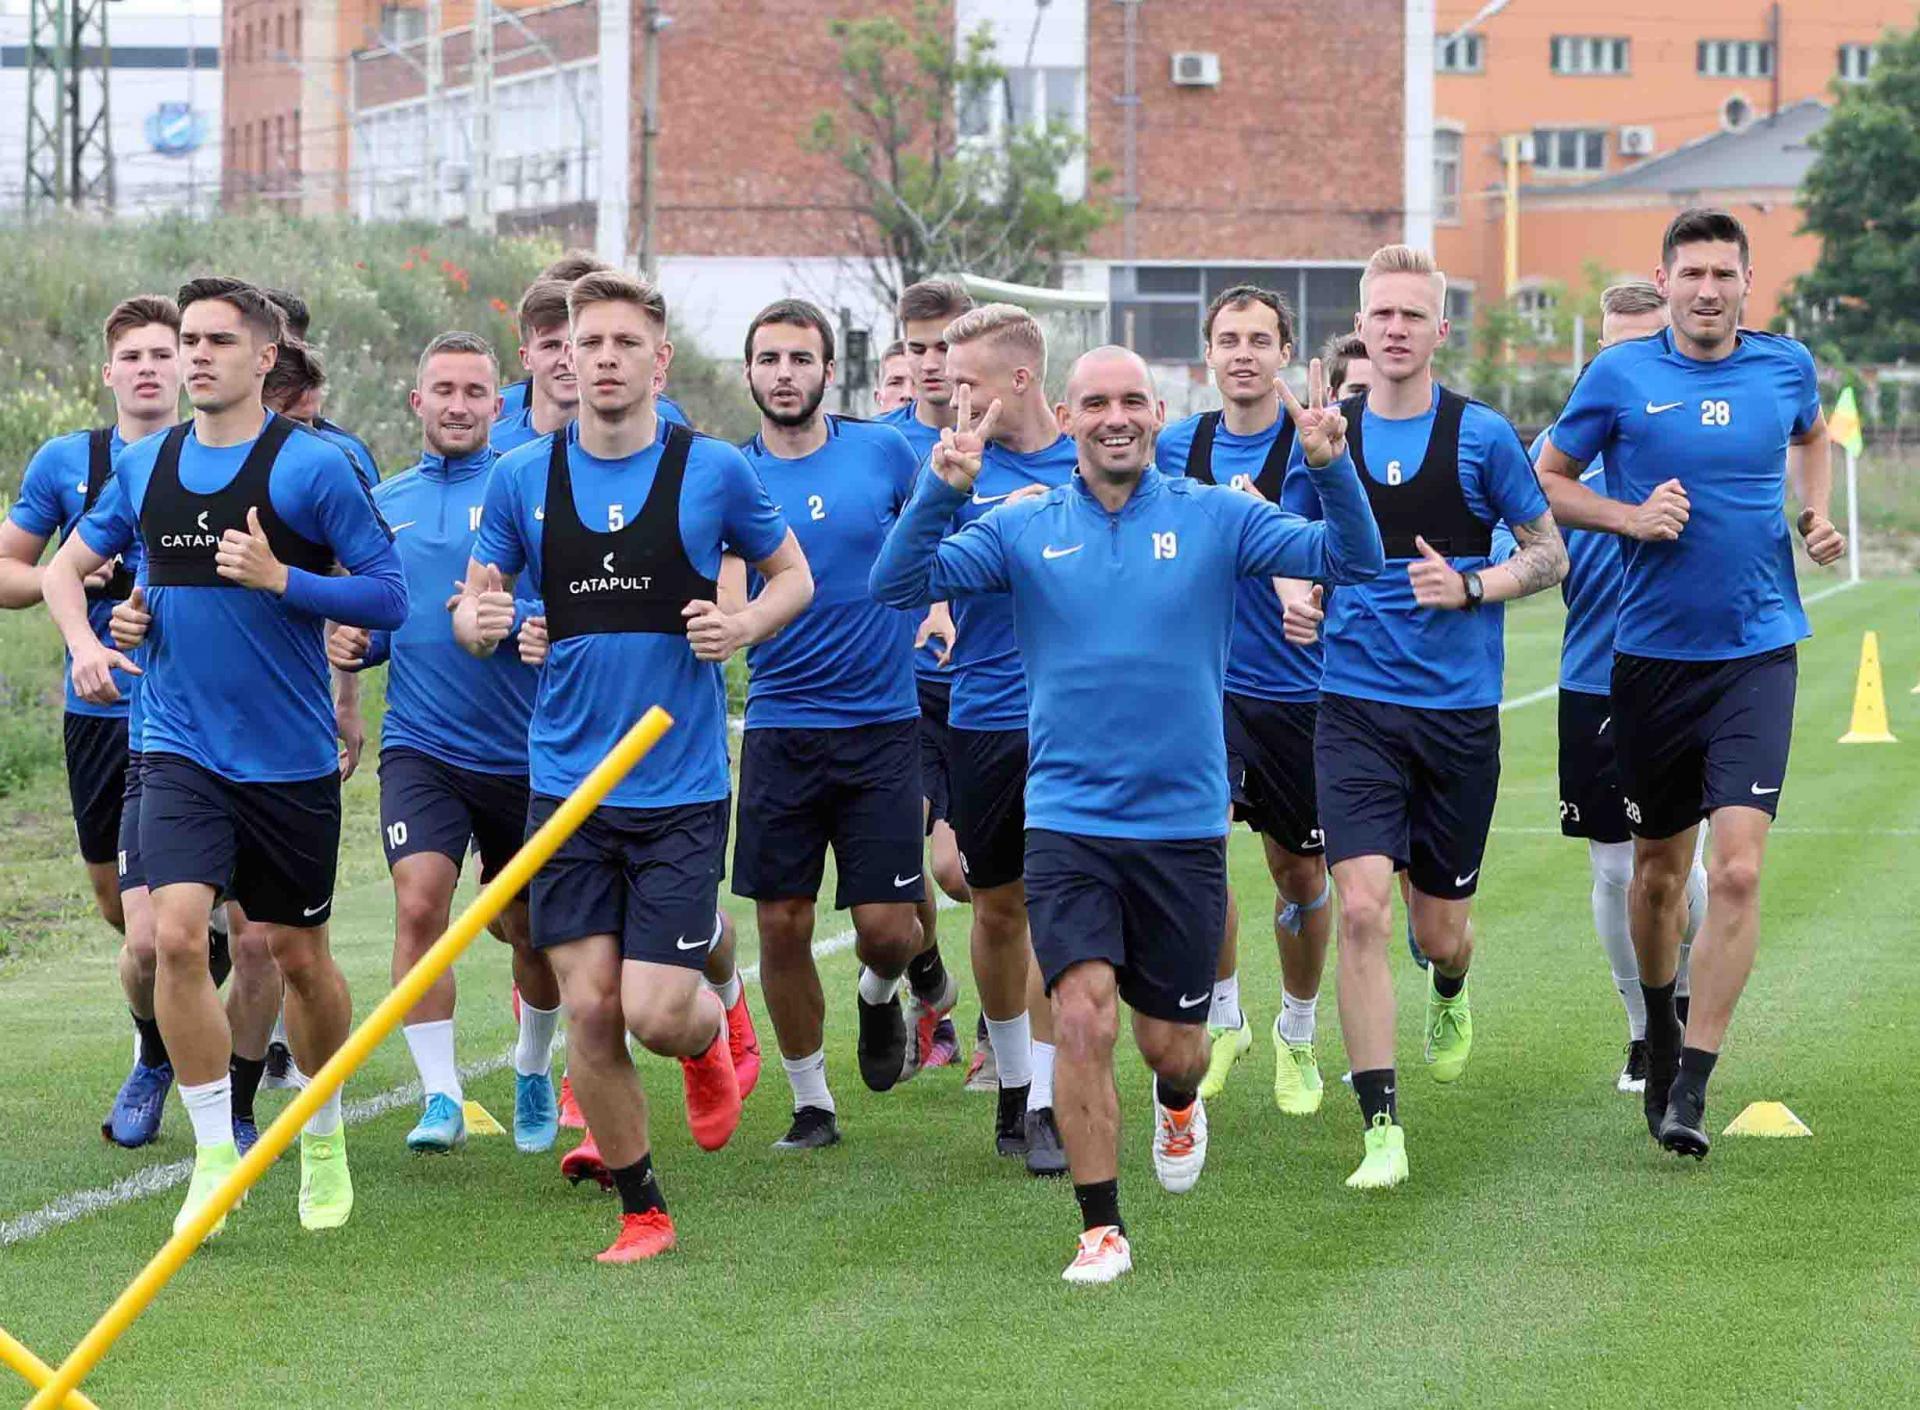 Az MTK csapatkapitánya Európa leghűségesebb játékosai közé kerül - lapszemle